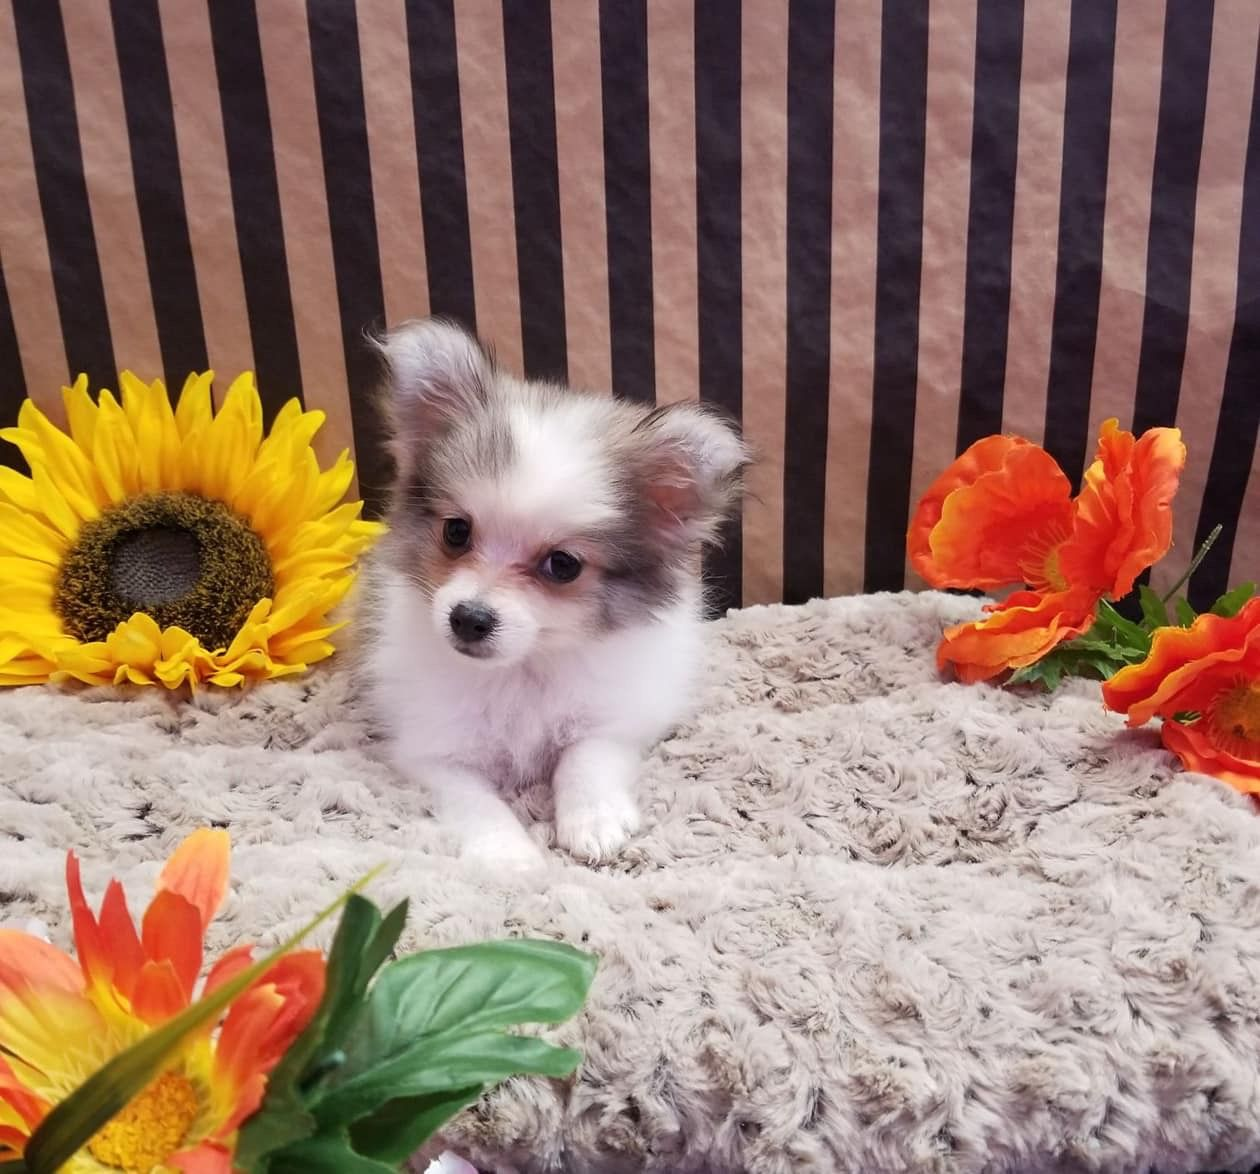 Hundebilder Zum Ausdrucken Kostenlos Für Facebook - Hundebilder Zum Ausdrucken Kostenlos Für Facebook